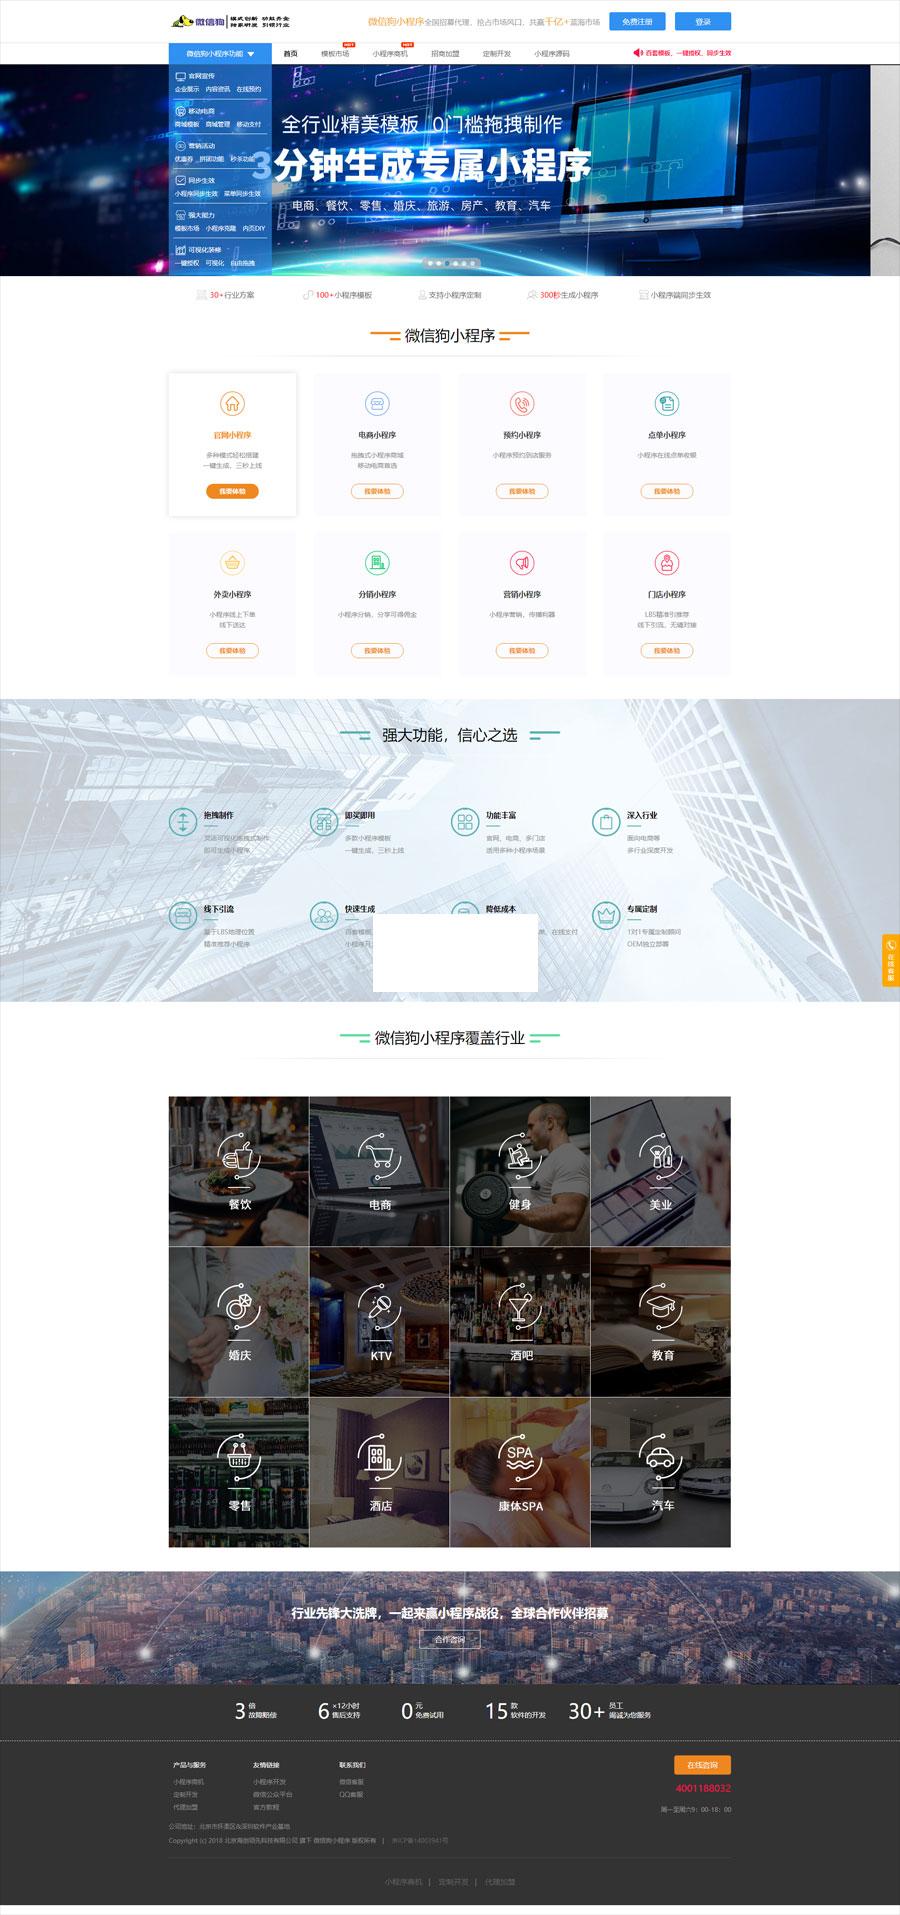 PHP微信狗可视化小程序平台源码OEM招商加盟版 百度小程序可视化平台 百套模板